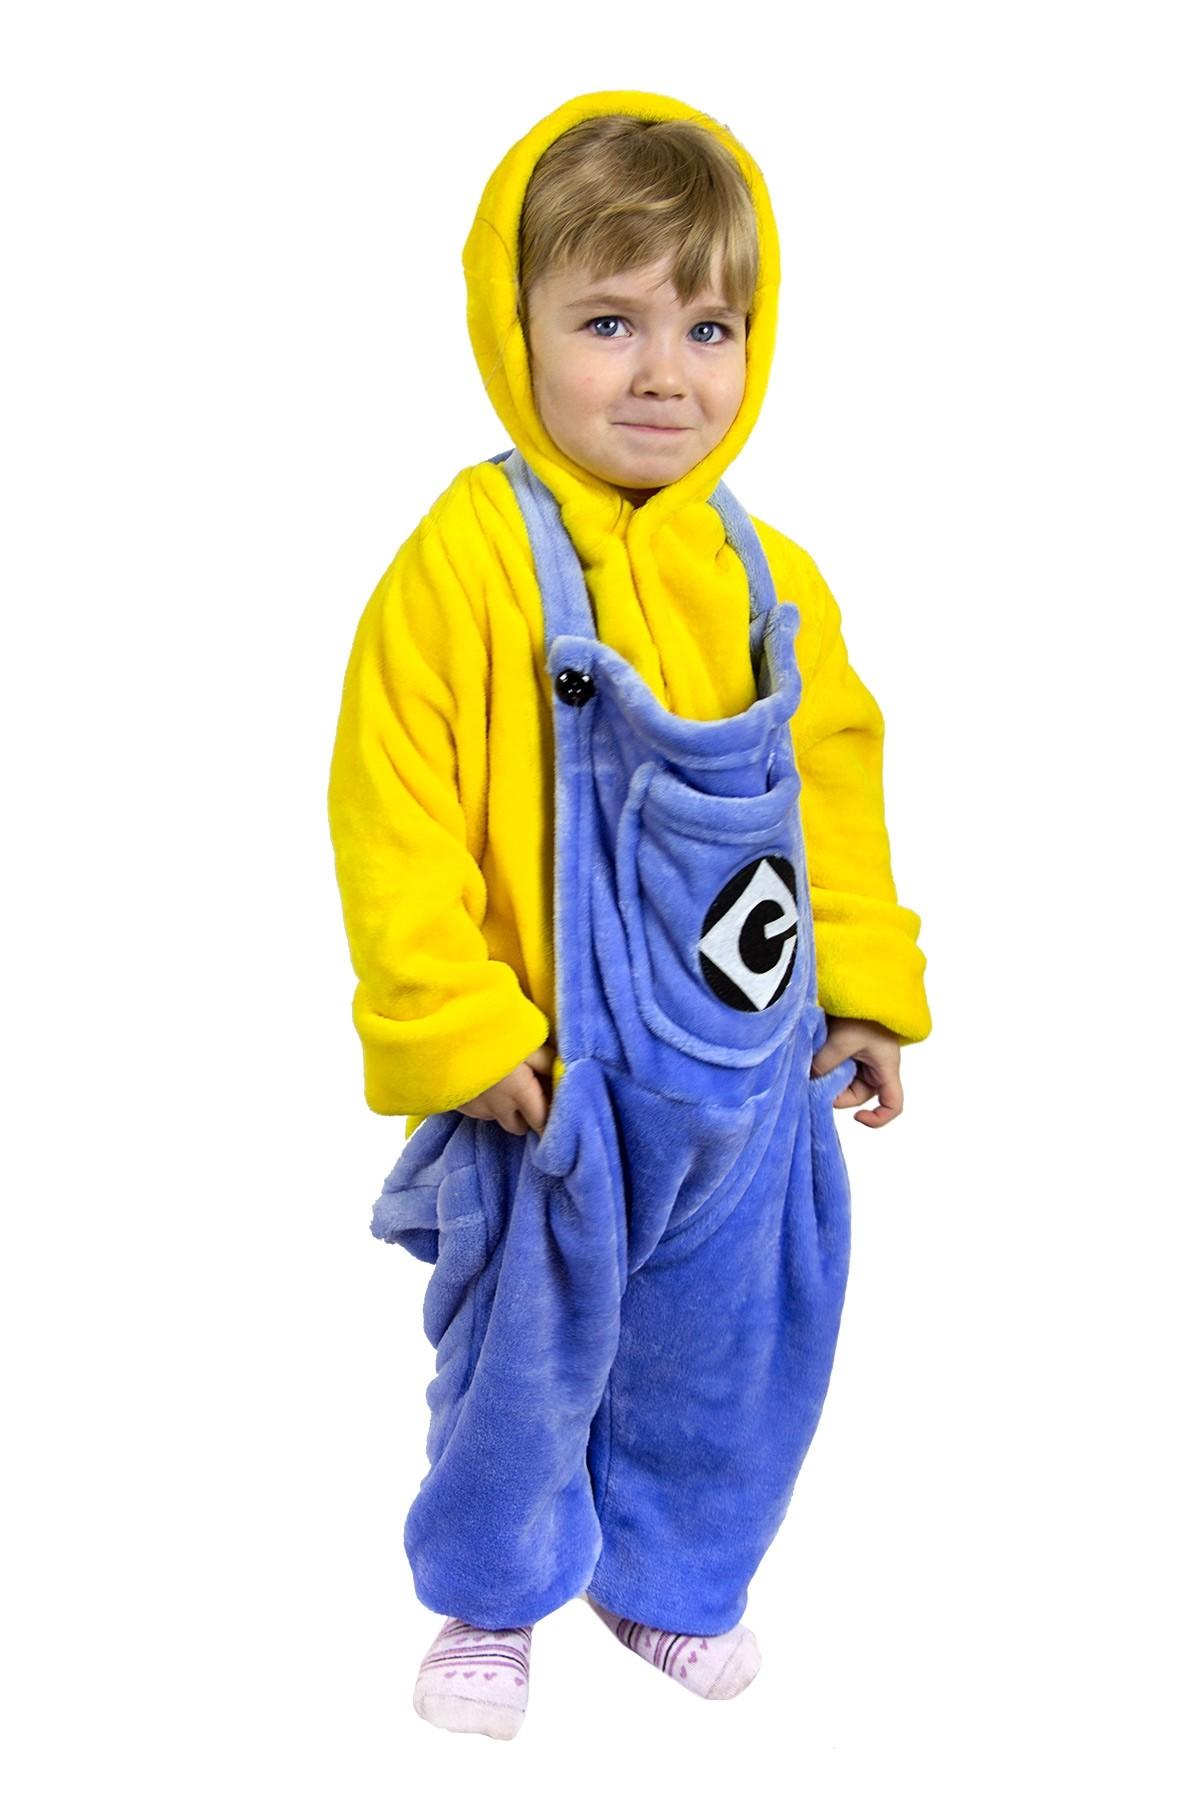 Детская пижама Кигуруми Миньон - купить на Vkostume.Ru b5511dbd15de4